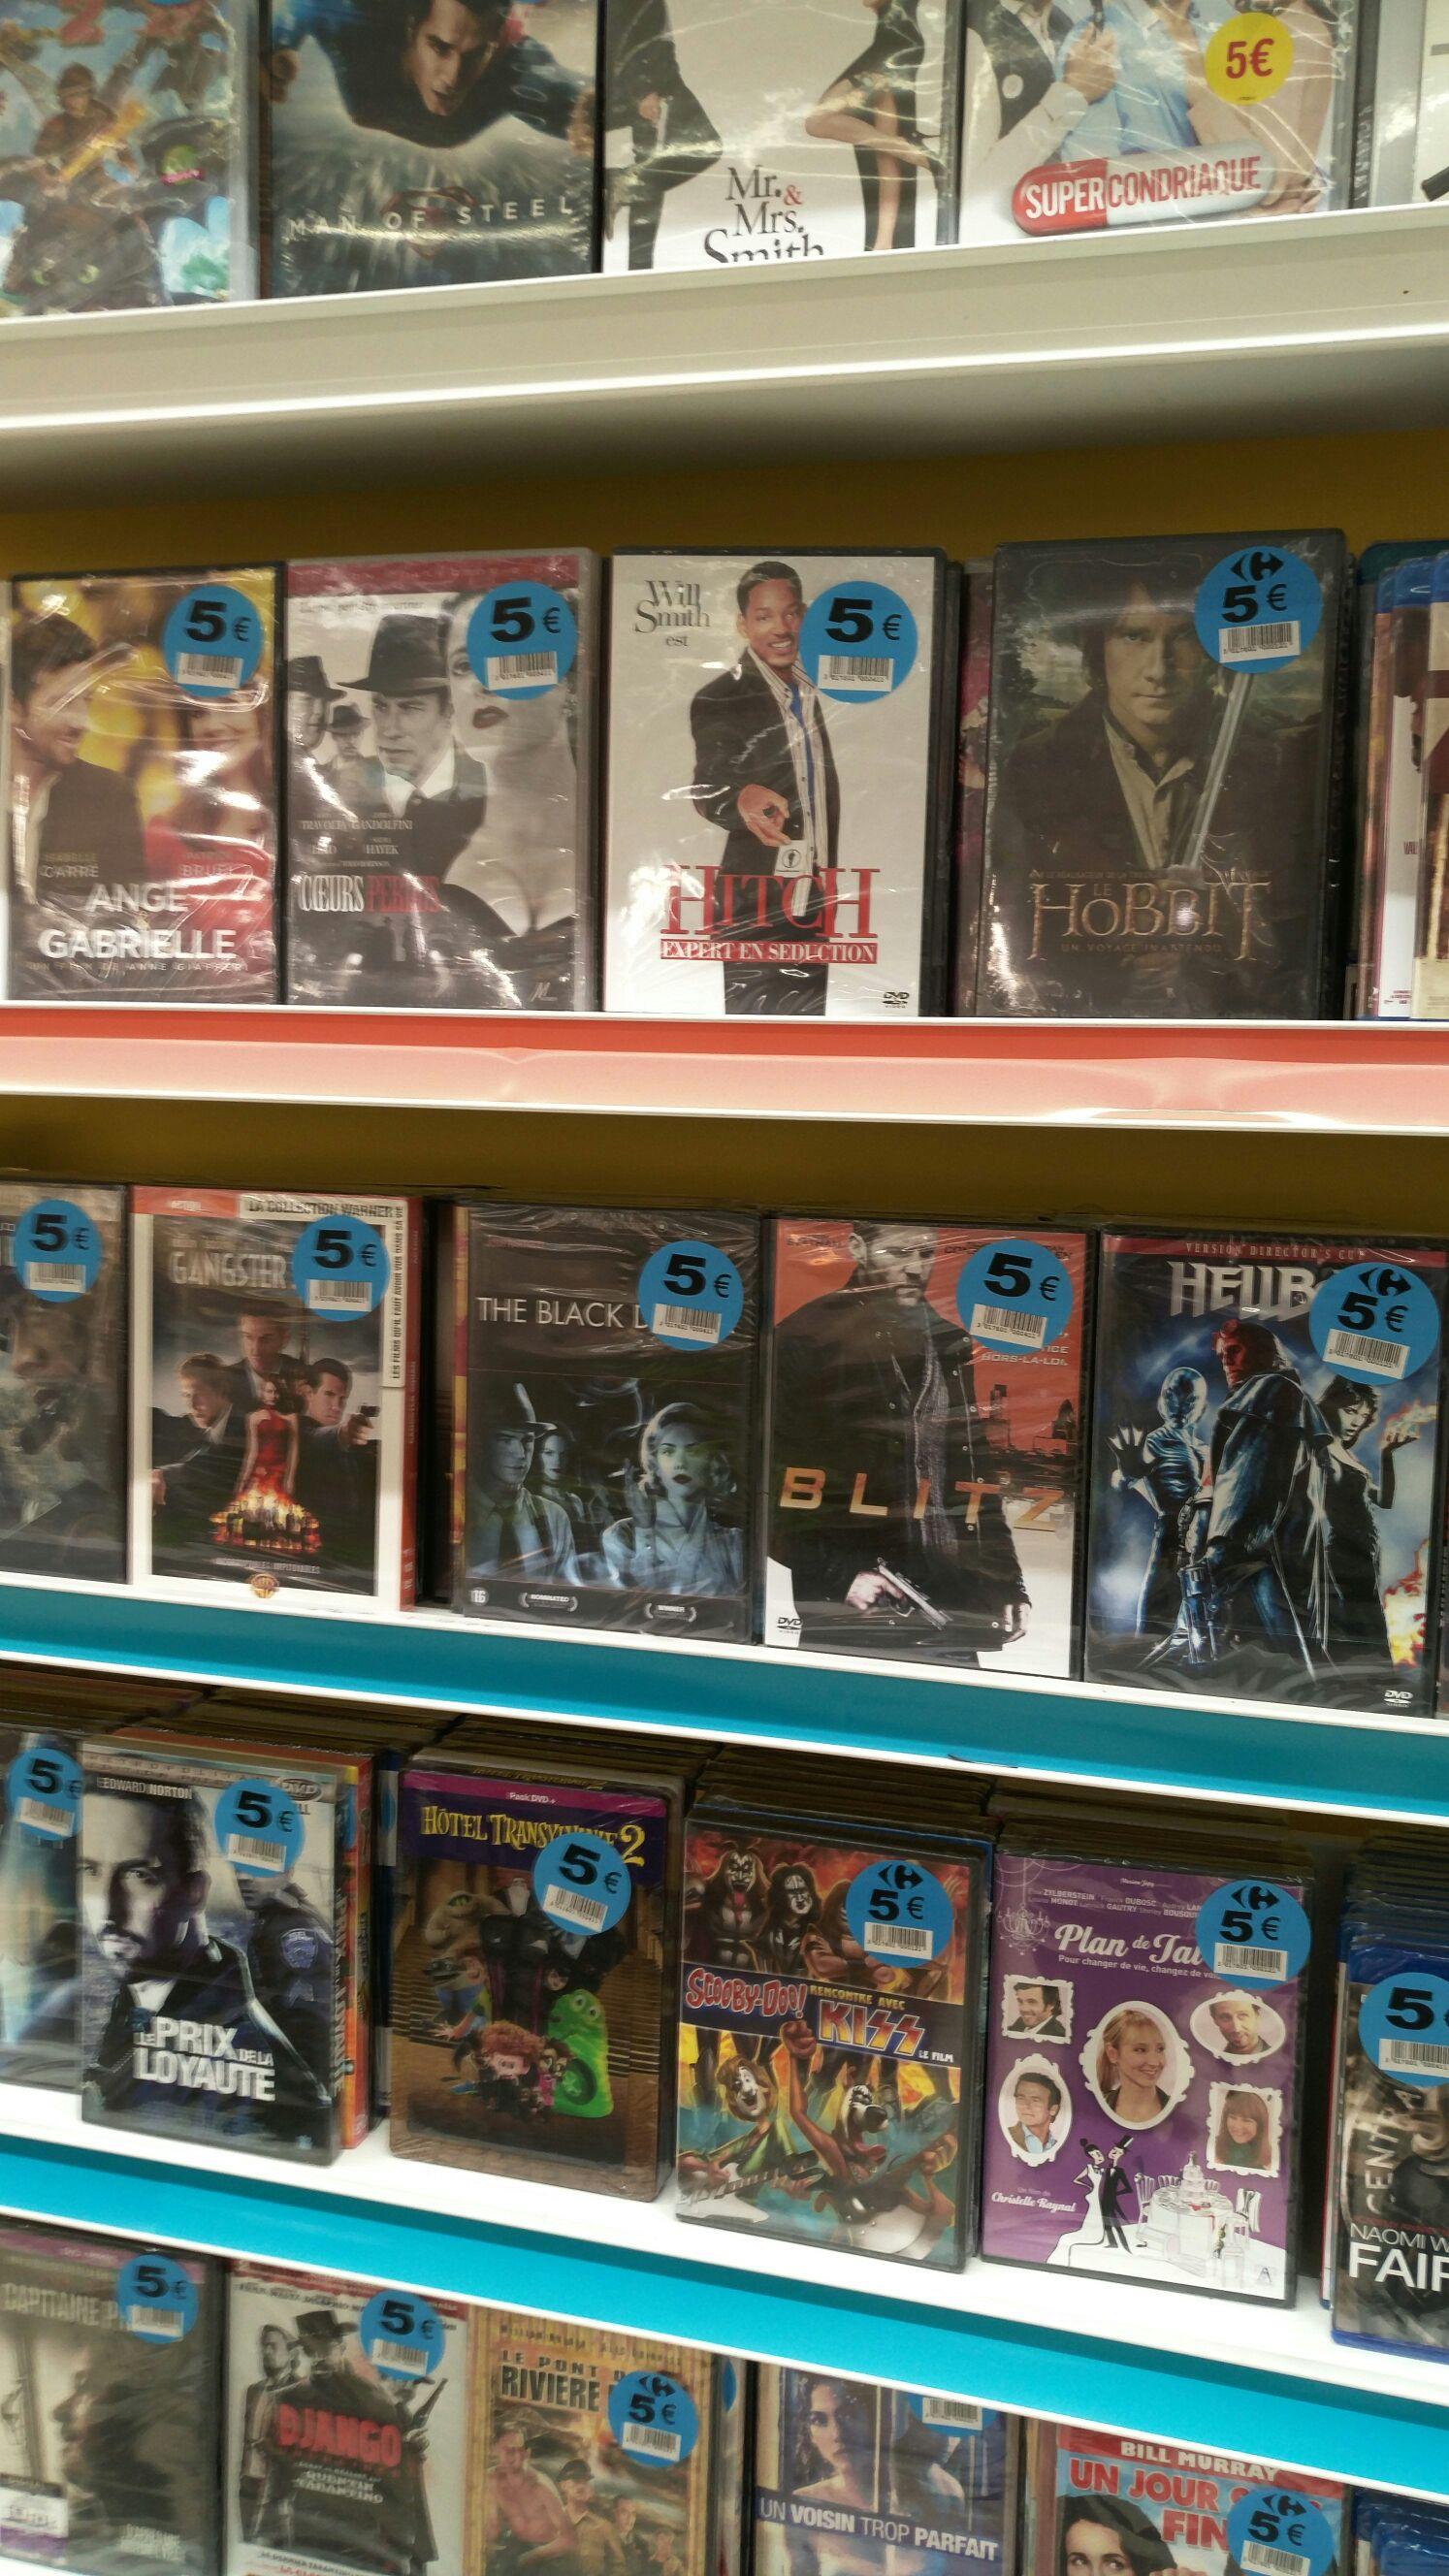 Sélection de DVD et blu-ray à 5€ - Ex : DVD Hitch (Carrefour montreuil 93)